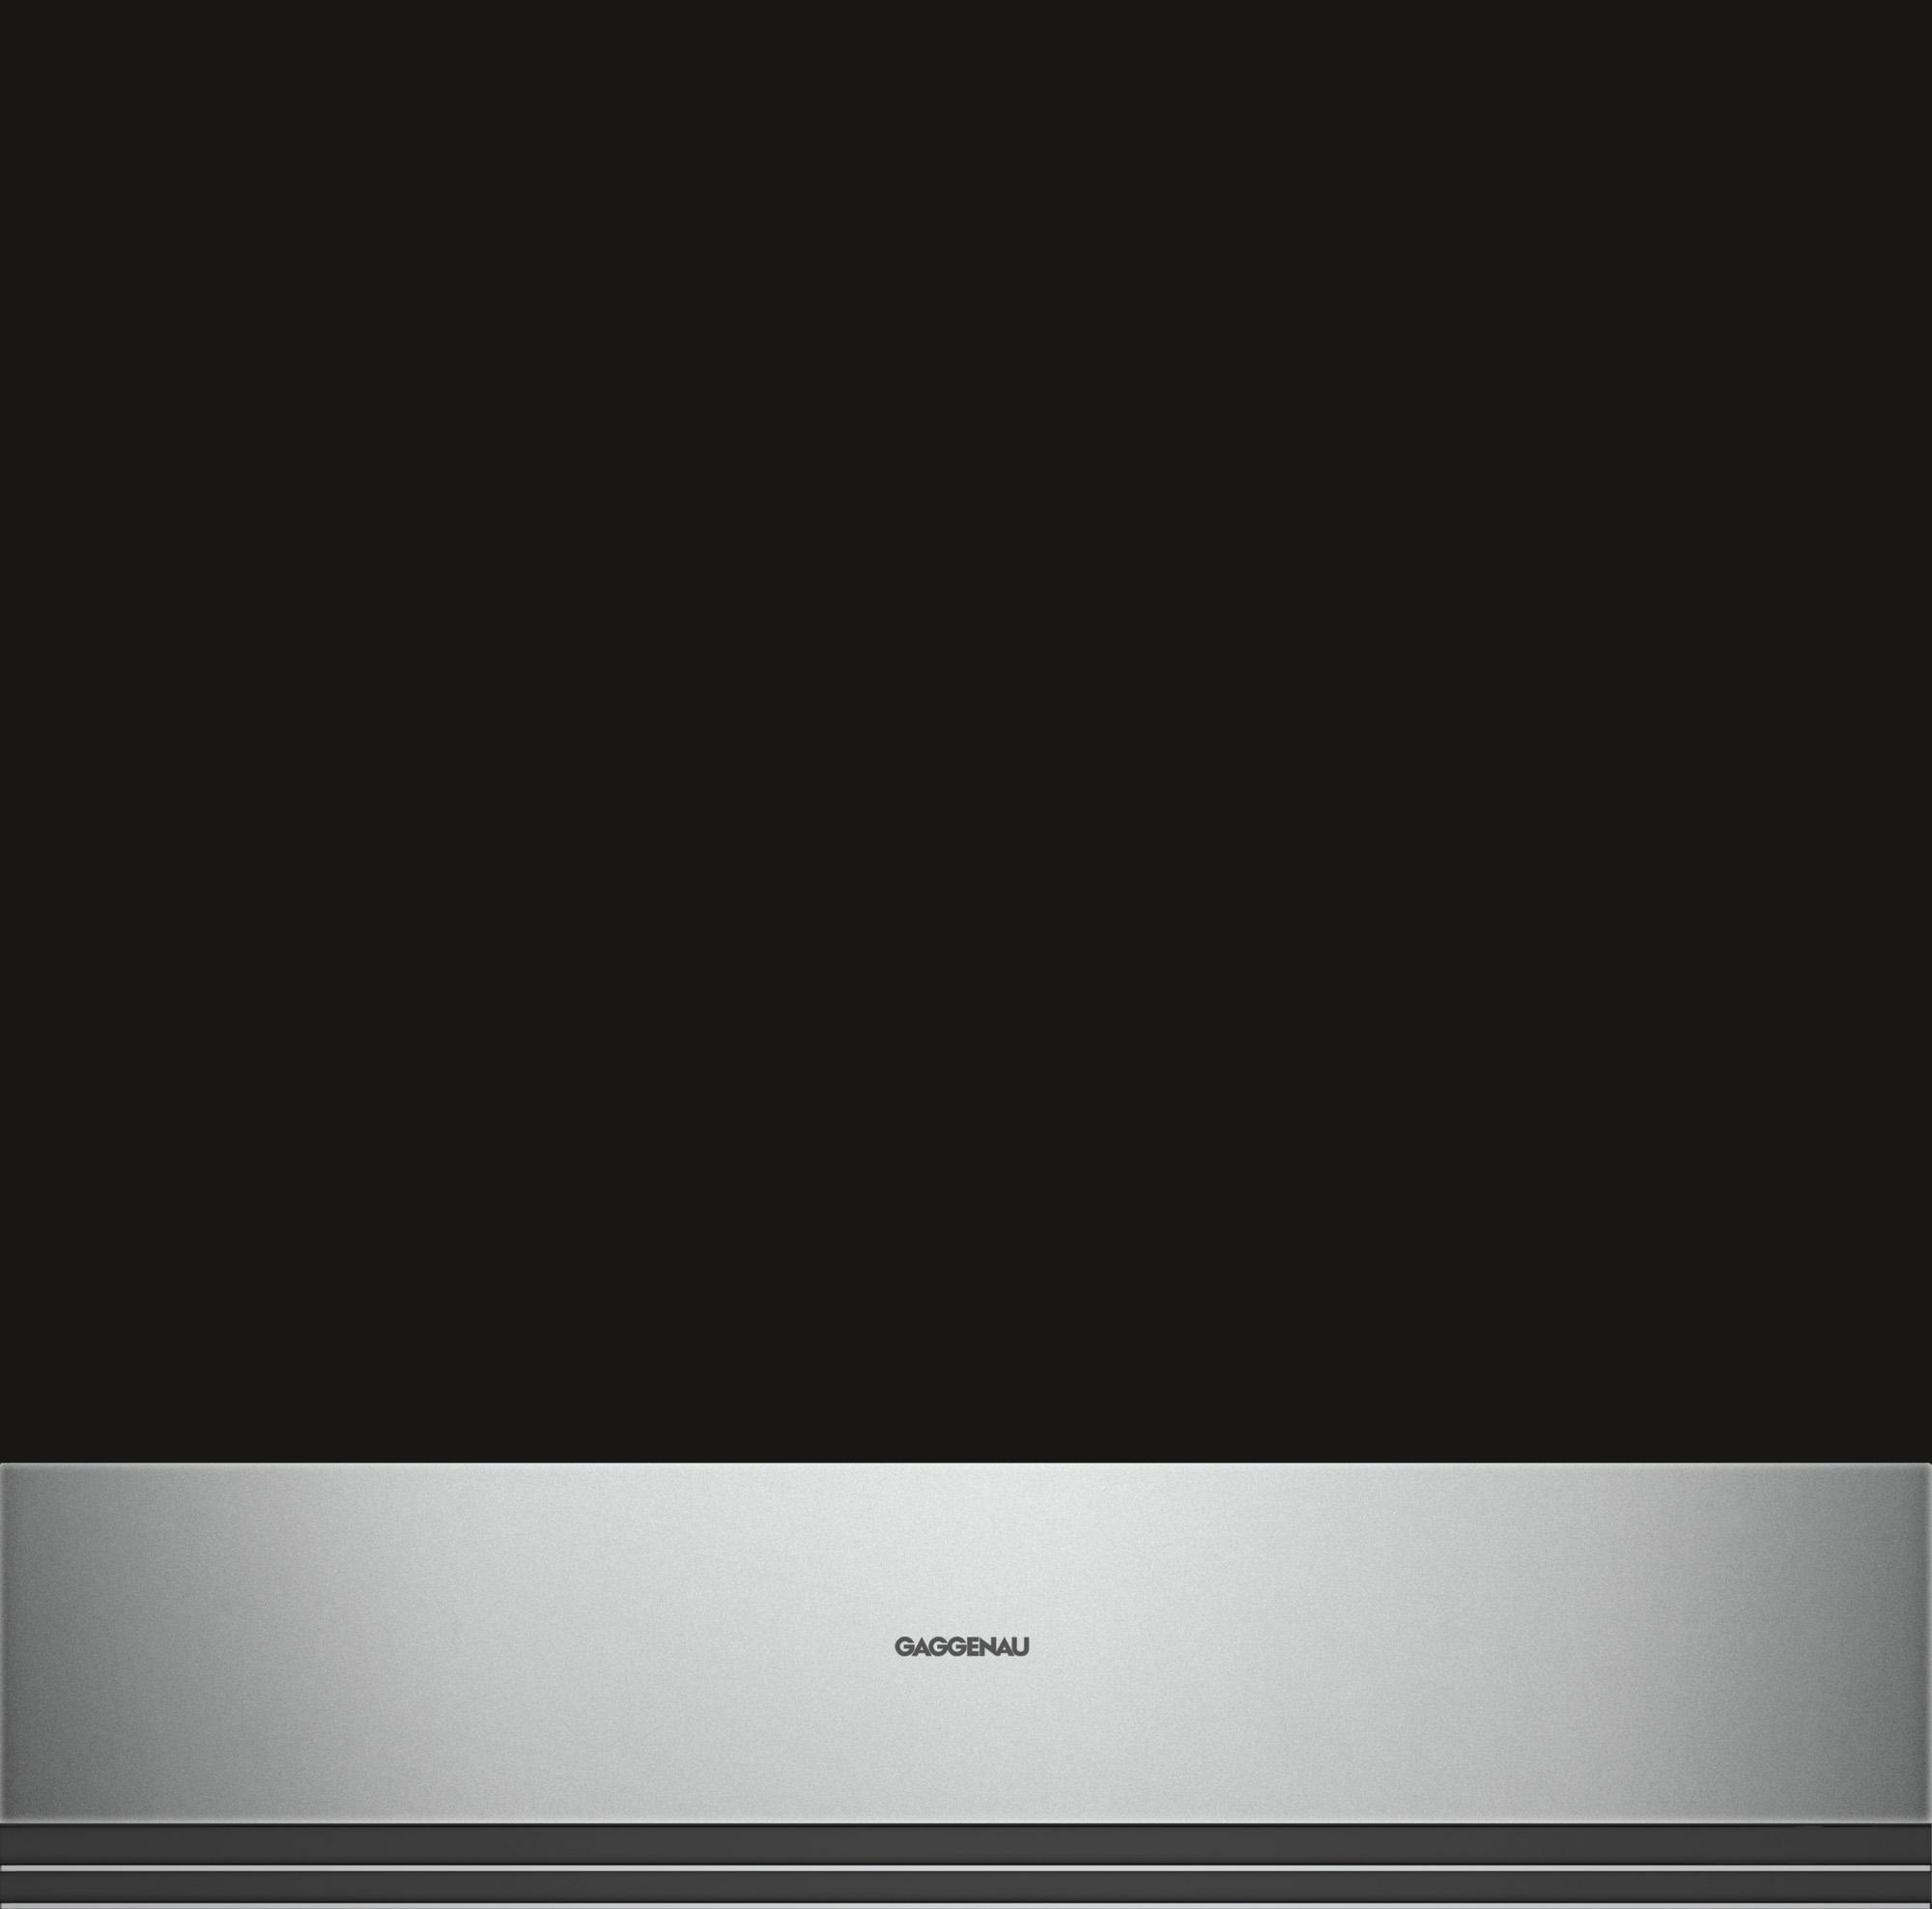 Ящик для вакуумирования DVP221110 GAGGENAU